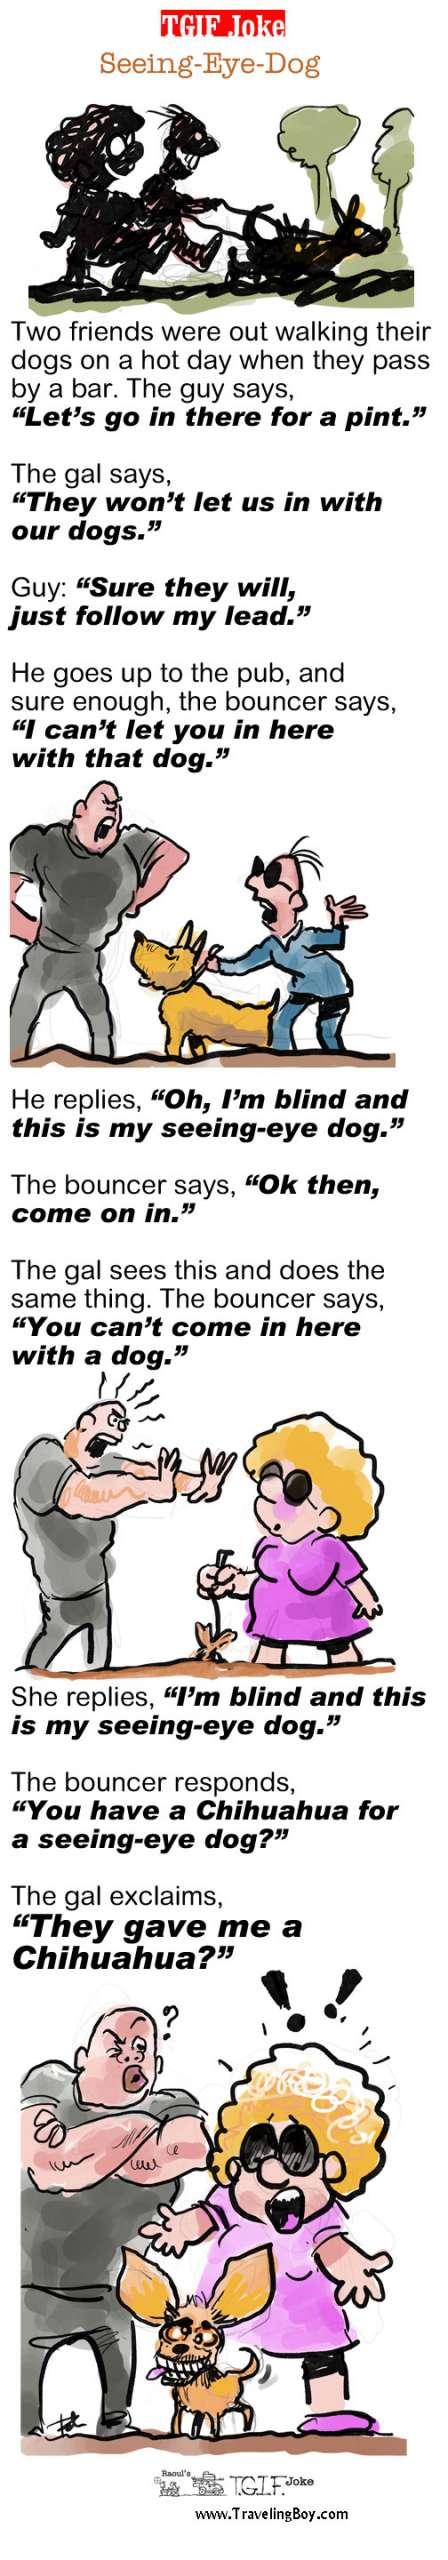 TGIF Joke of the Week: Seeing Eye Dog